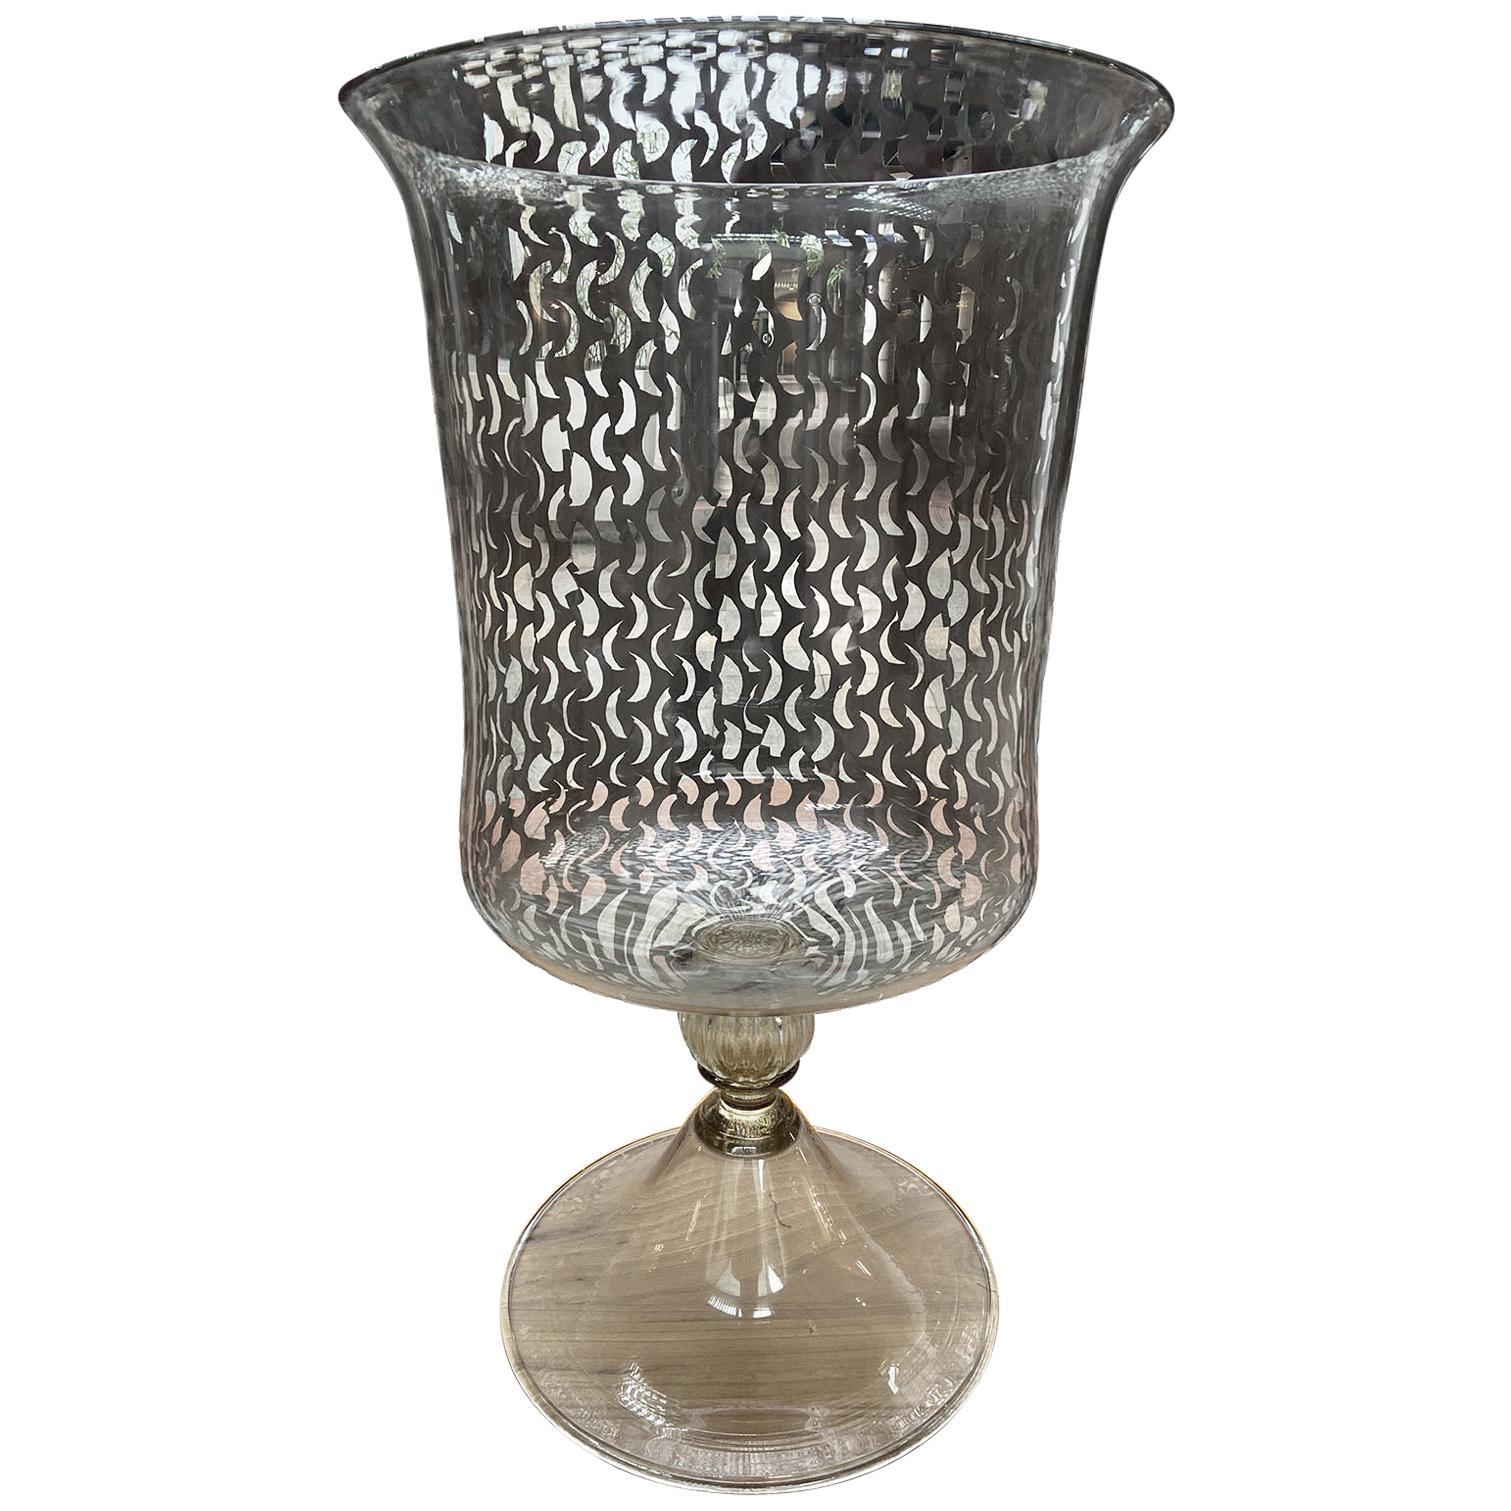 Andrea Zilio, Amphora in Murano Glass